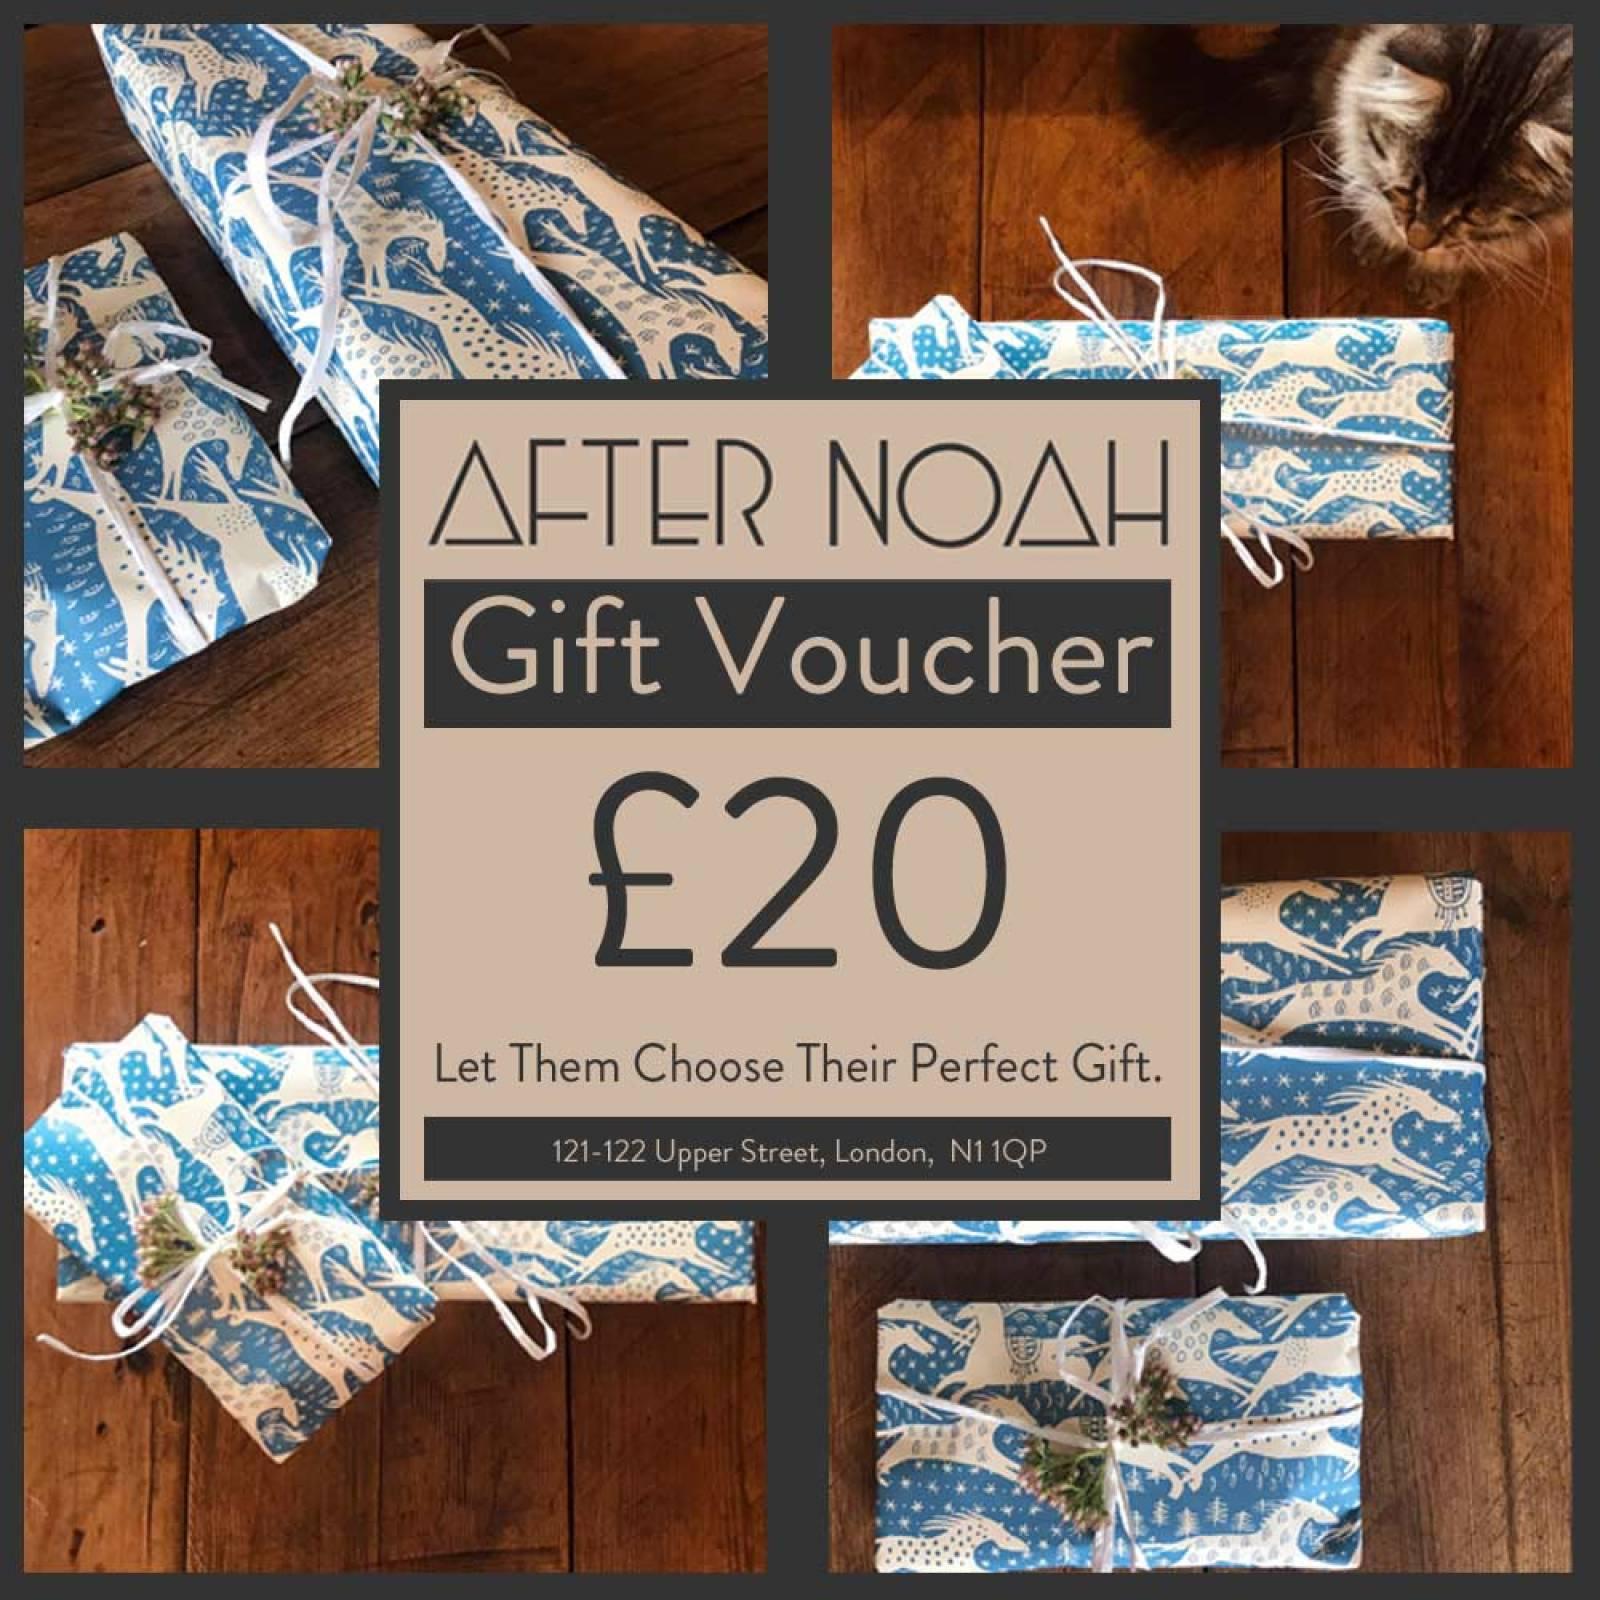 After Noah £20 Gift Voucher